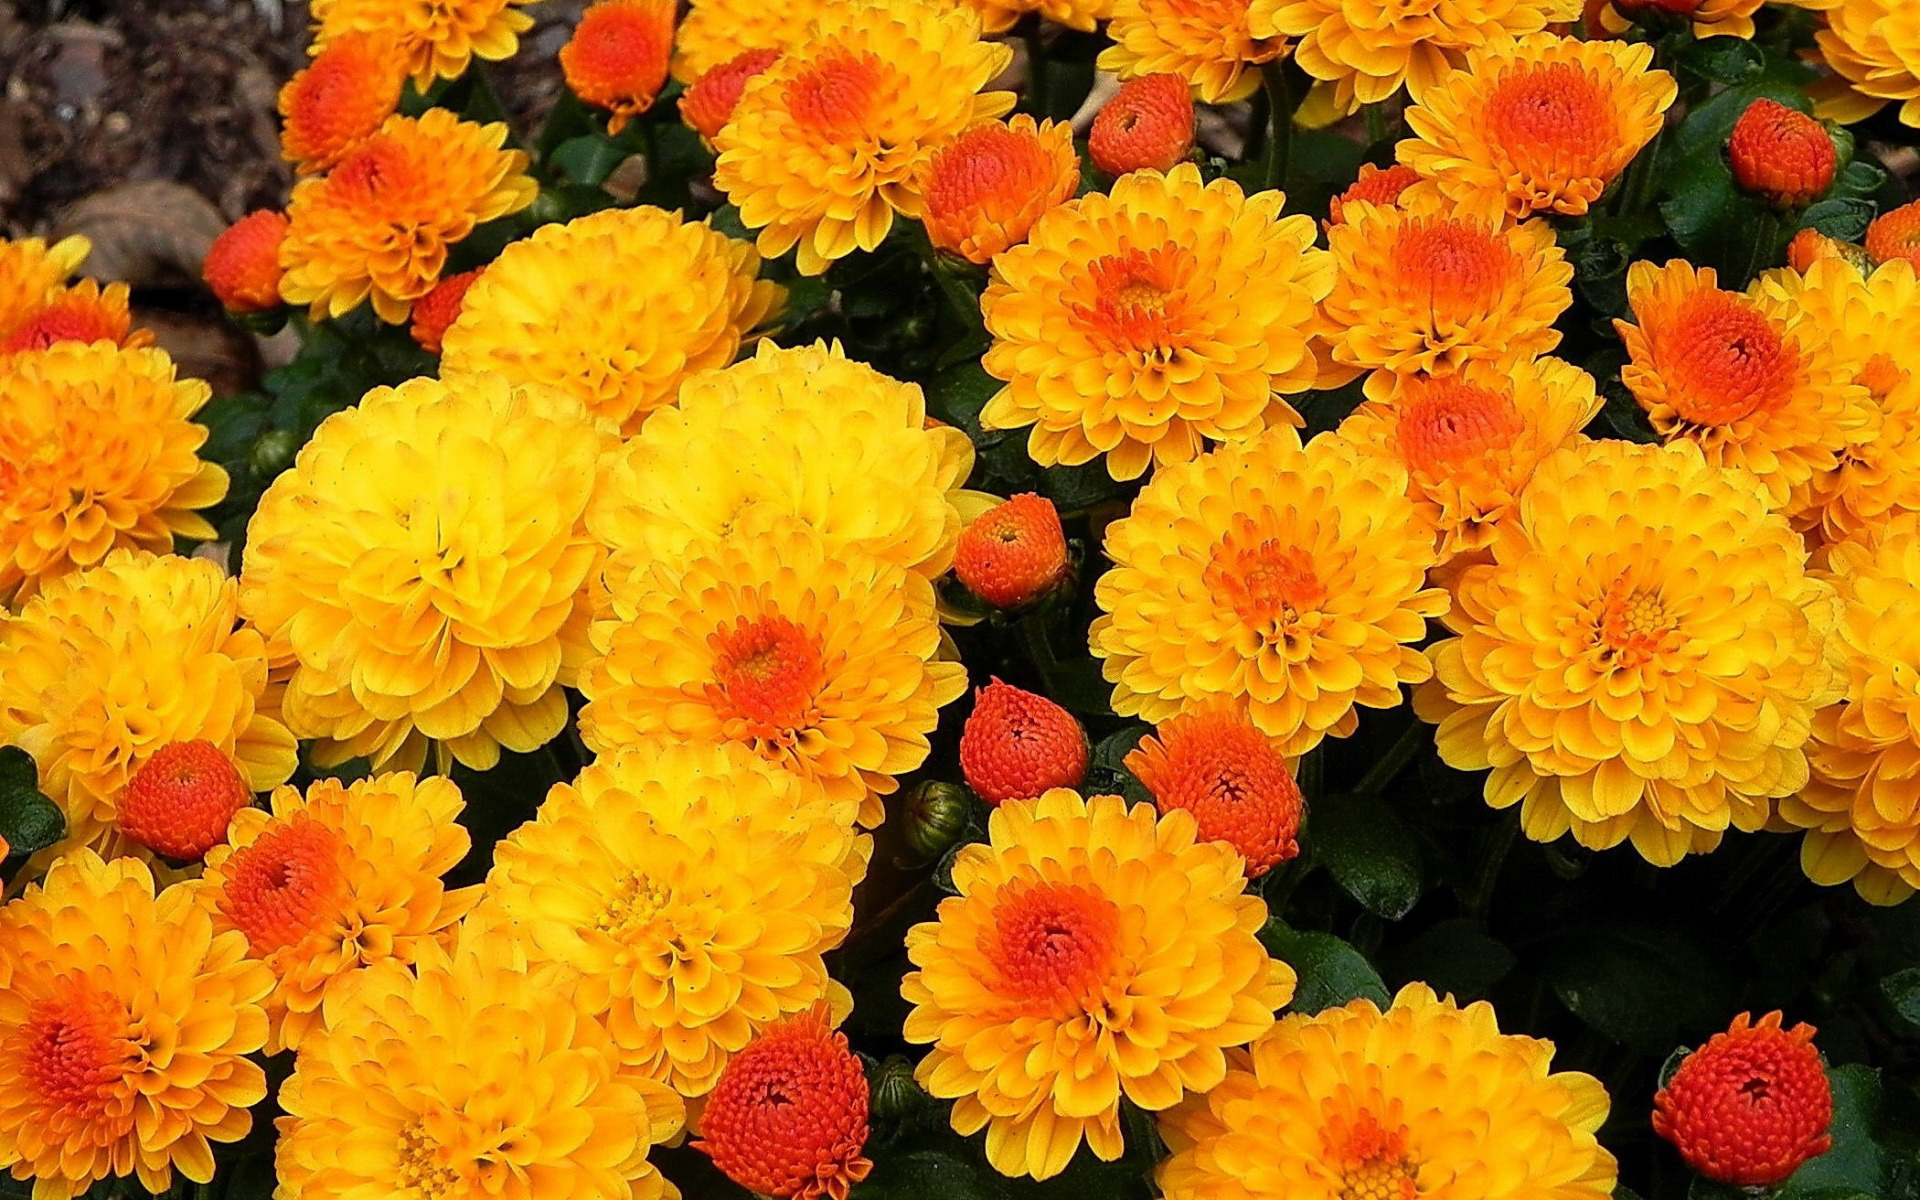 Обои на рабочий стол Цветы хризантемы   подборка (12)